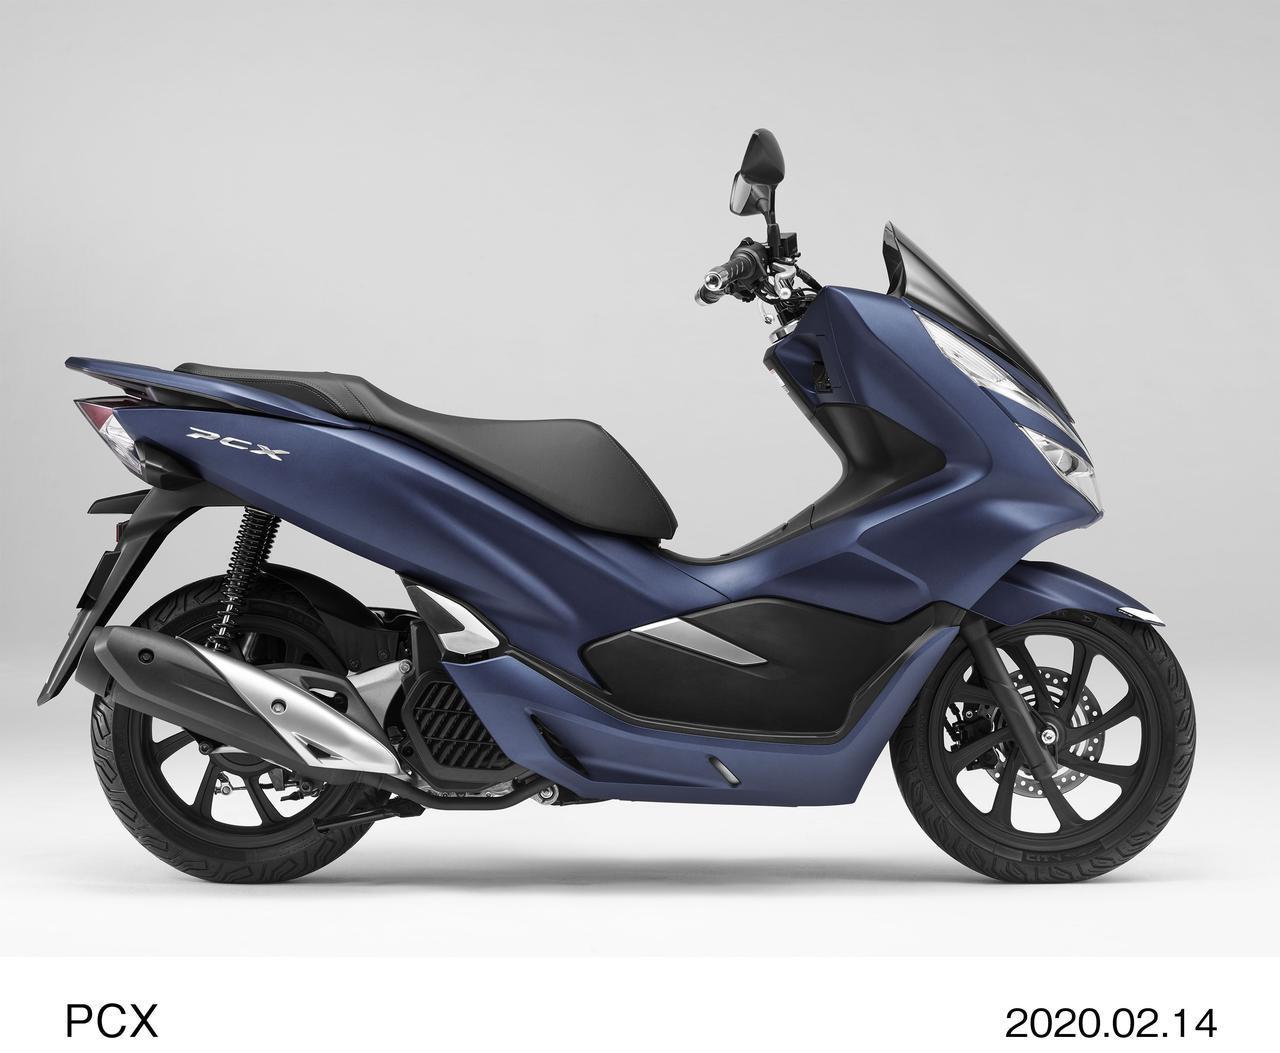 【速報】ホンダが「PCX」「PCX150」の受注期間限定モデルを発表! 流行りのマットカラーがPCXシリーズにも採用された!